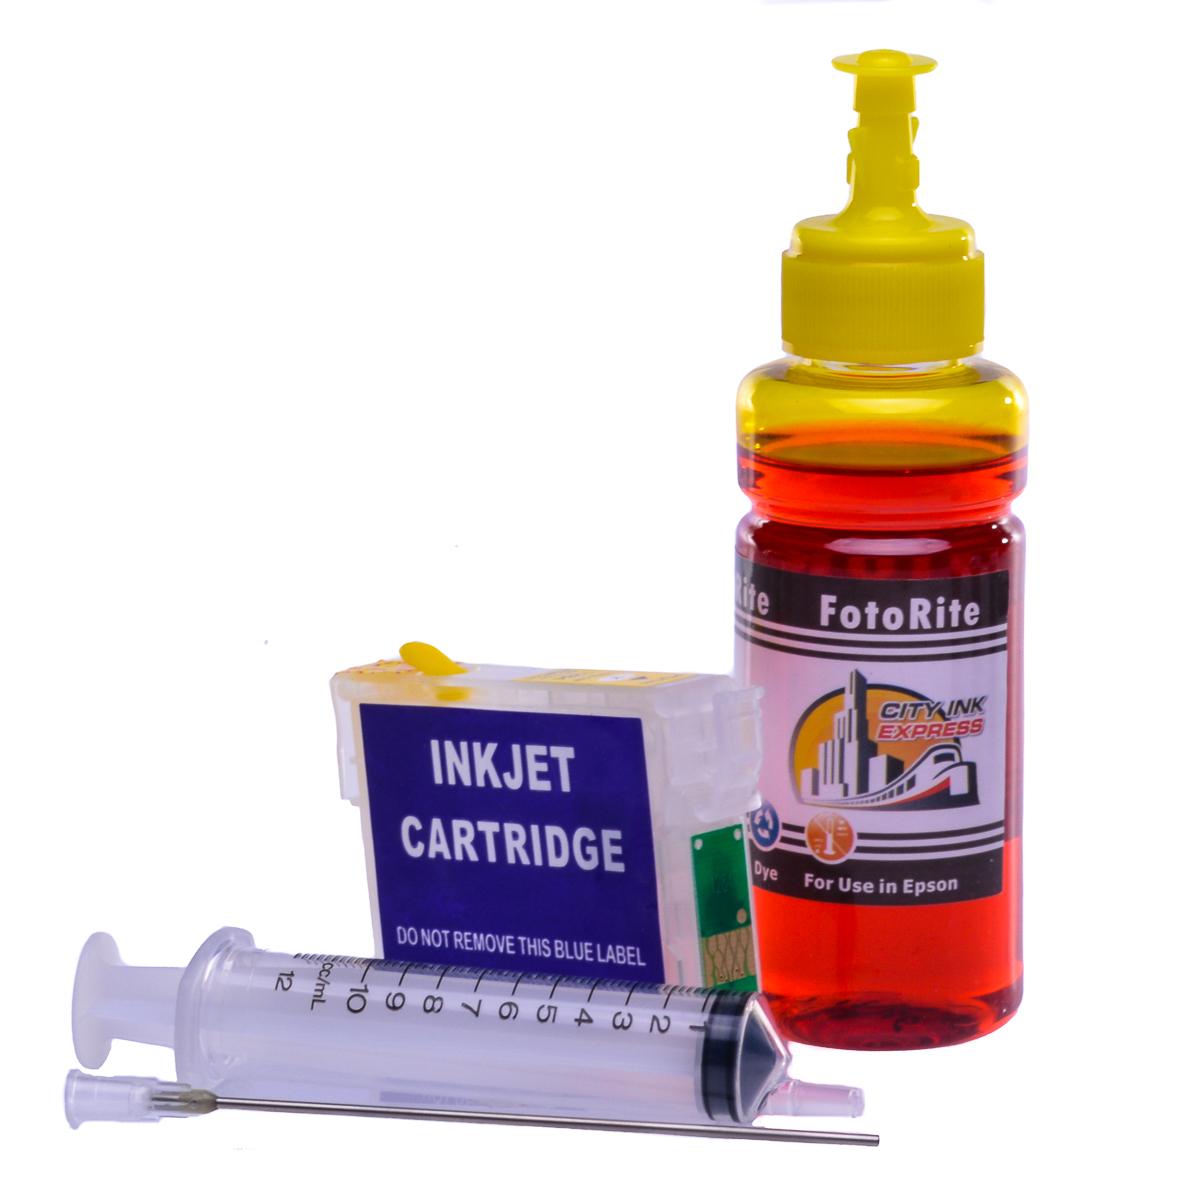 Refillable T2984 Yellow Cheap printer cartridges for Epson XP-245 C13T29844010 dye ink